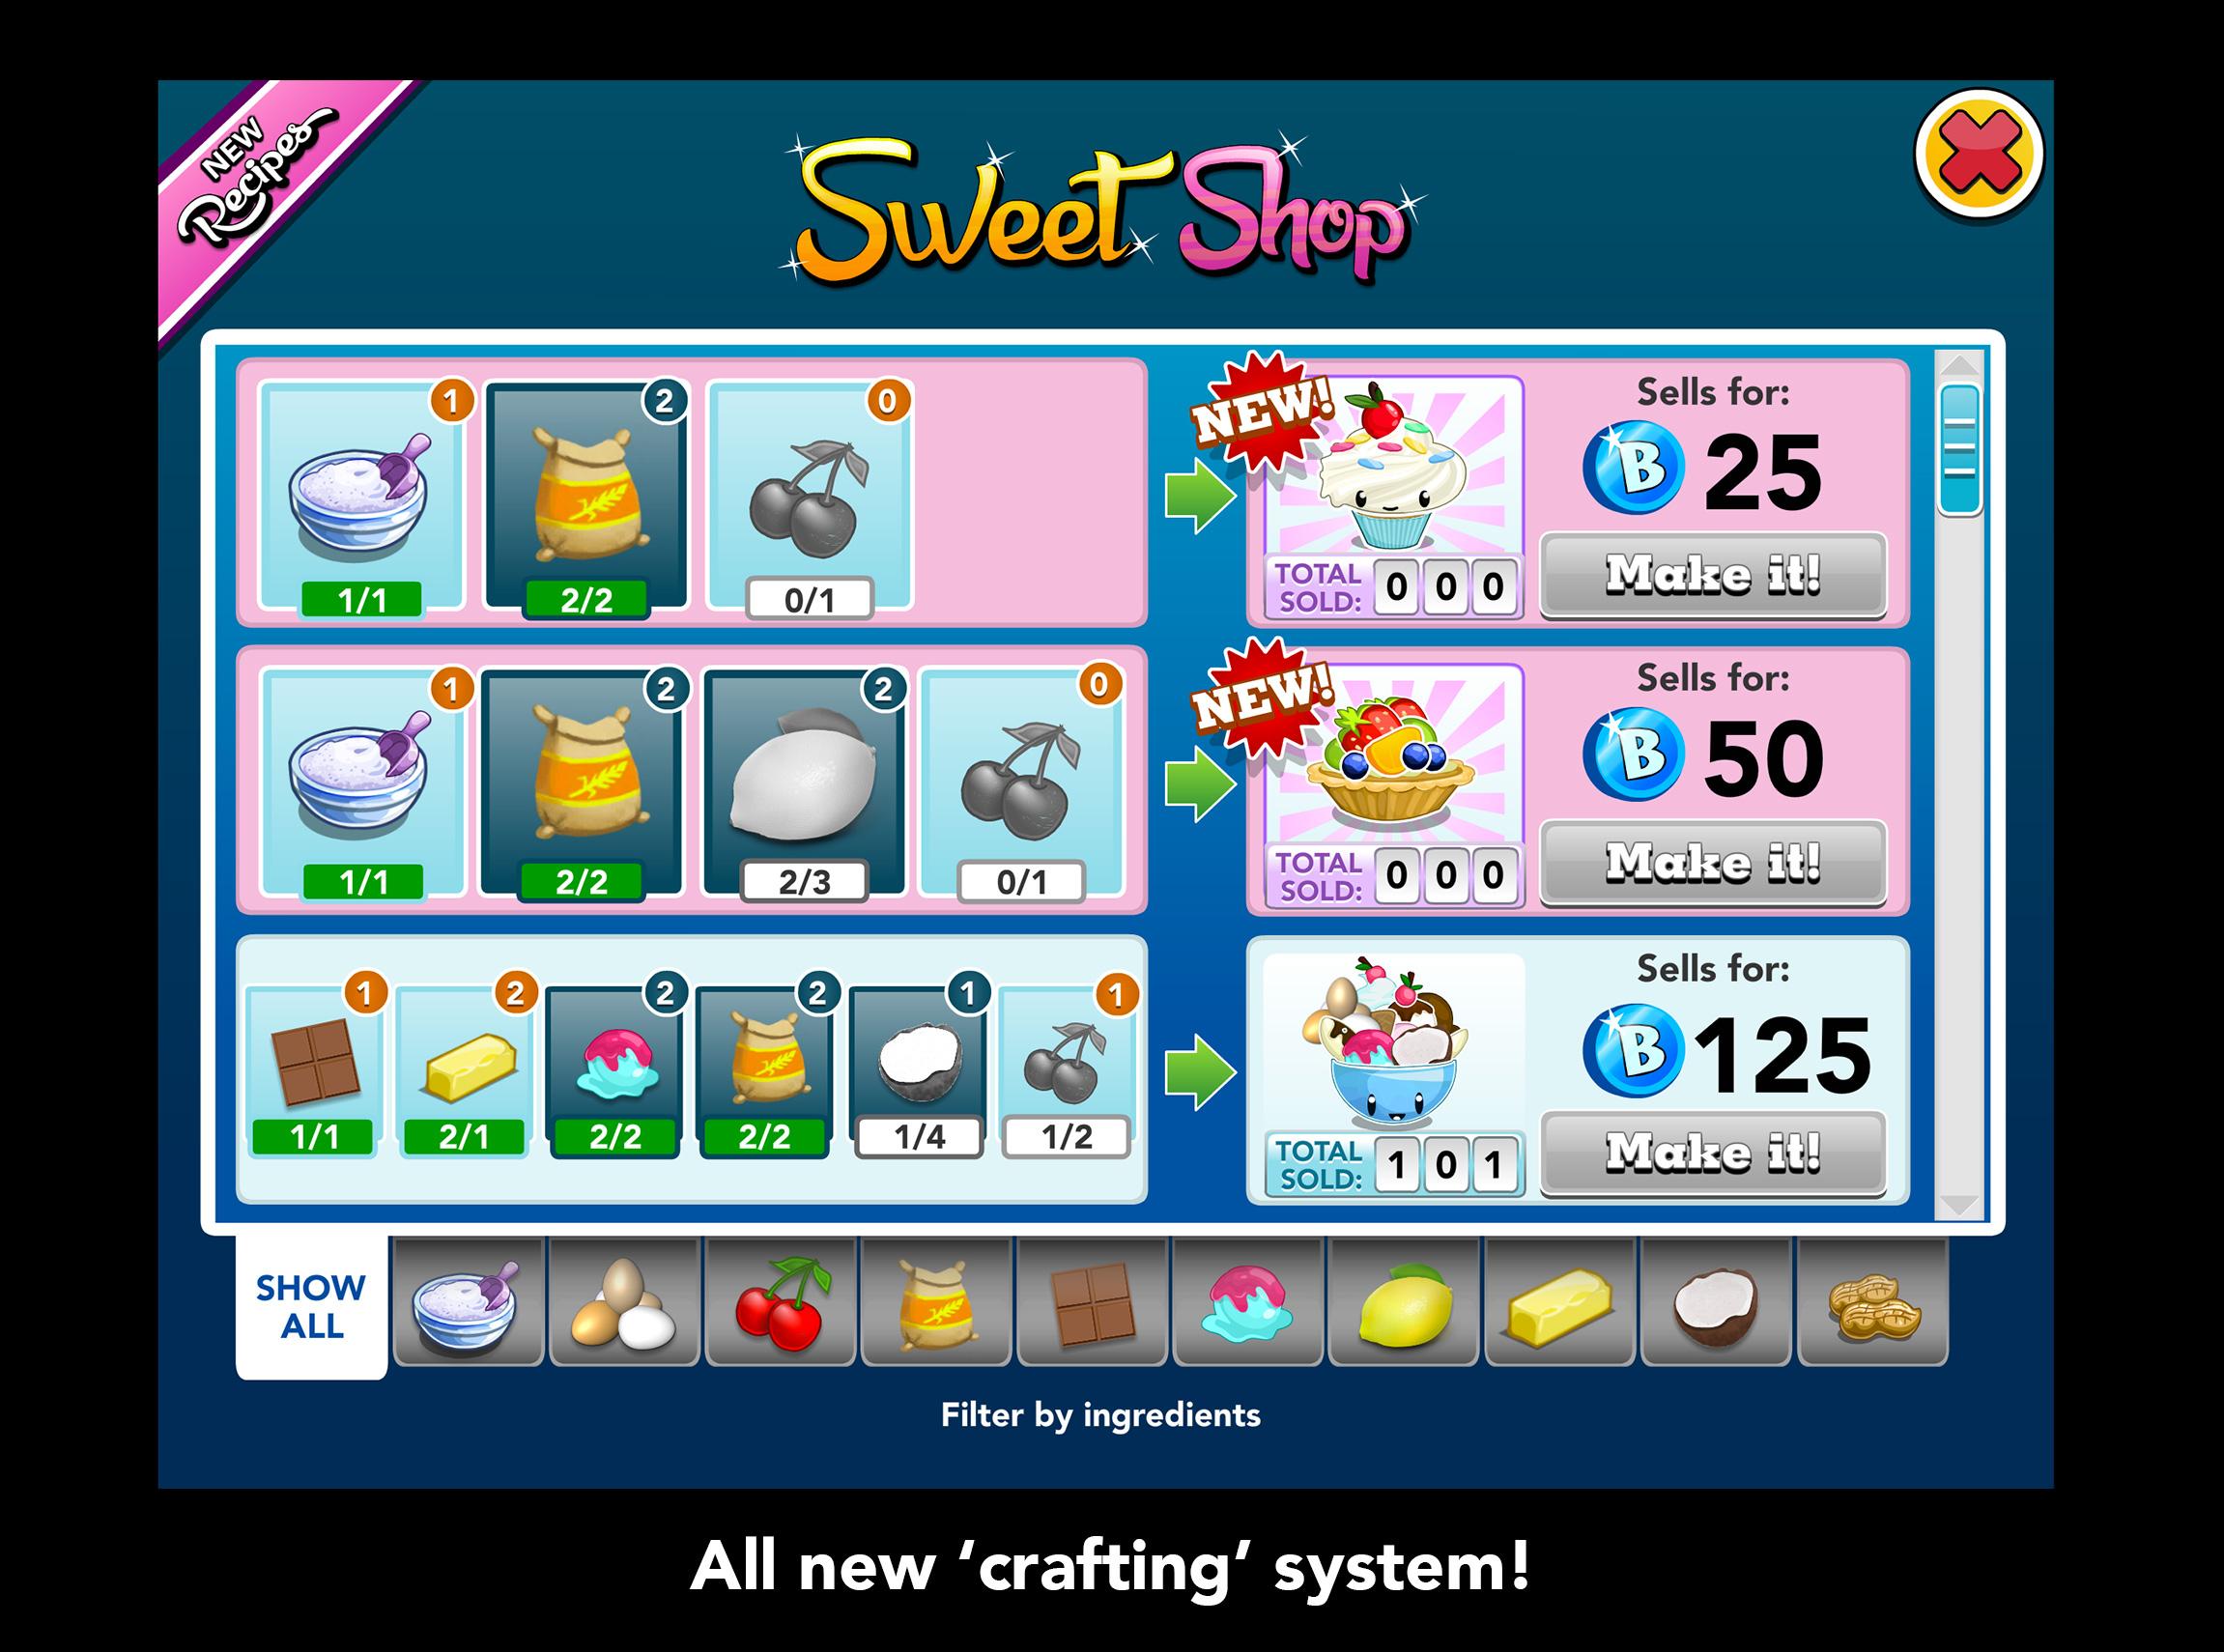 SweetShop_Crafting.jpg